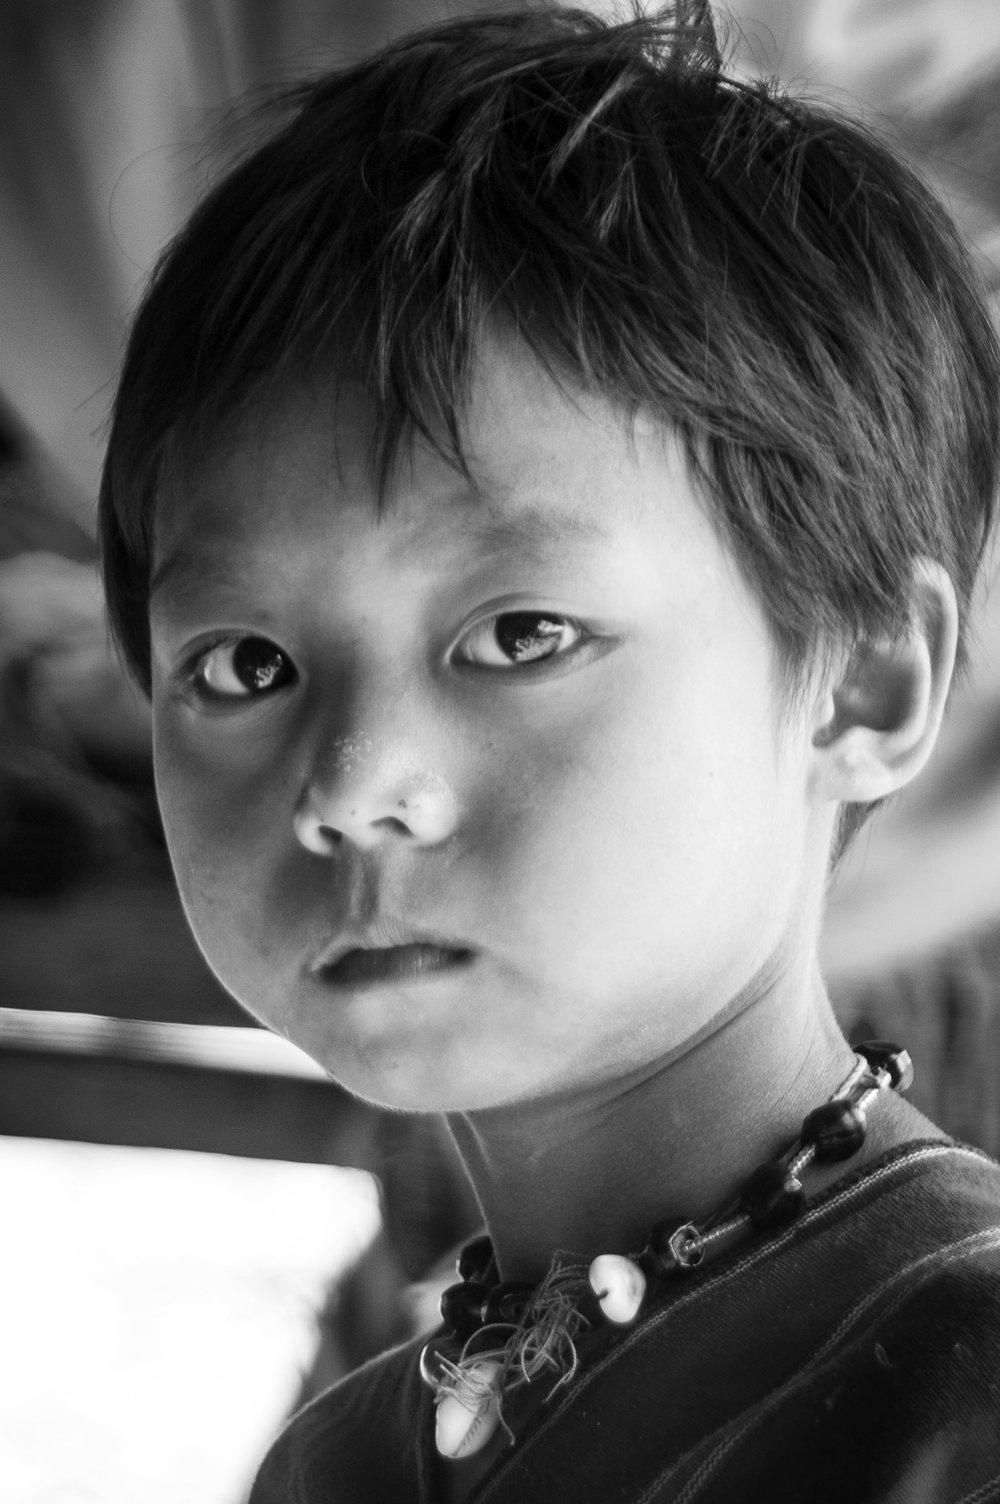 A village elder's grandchild. Northern Thailand.